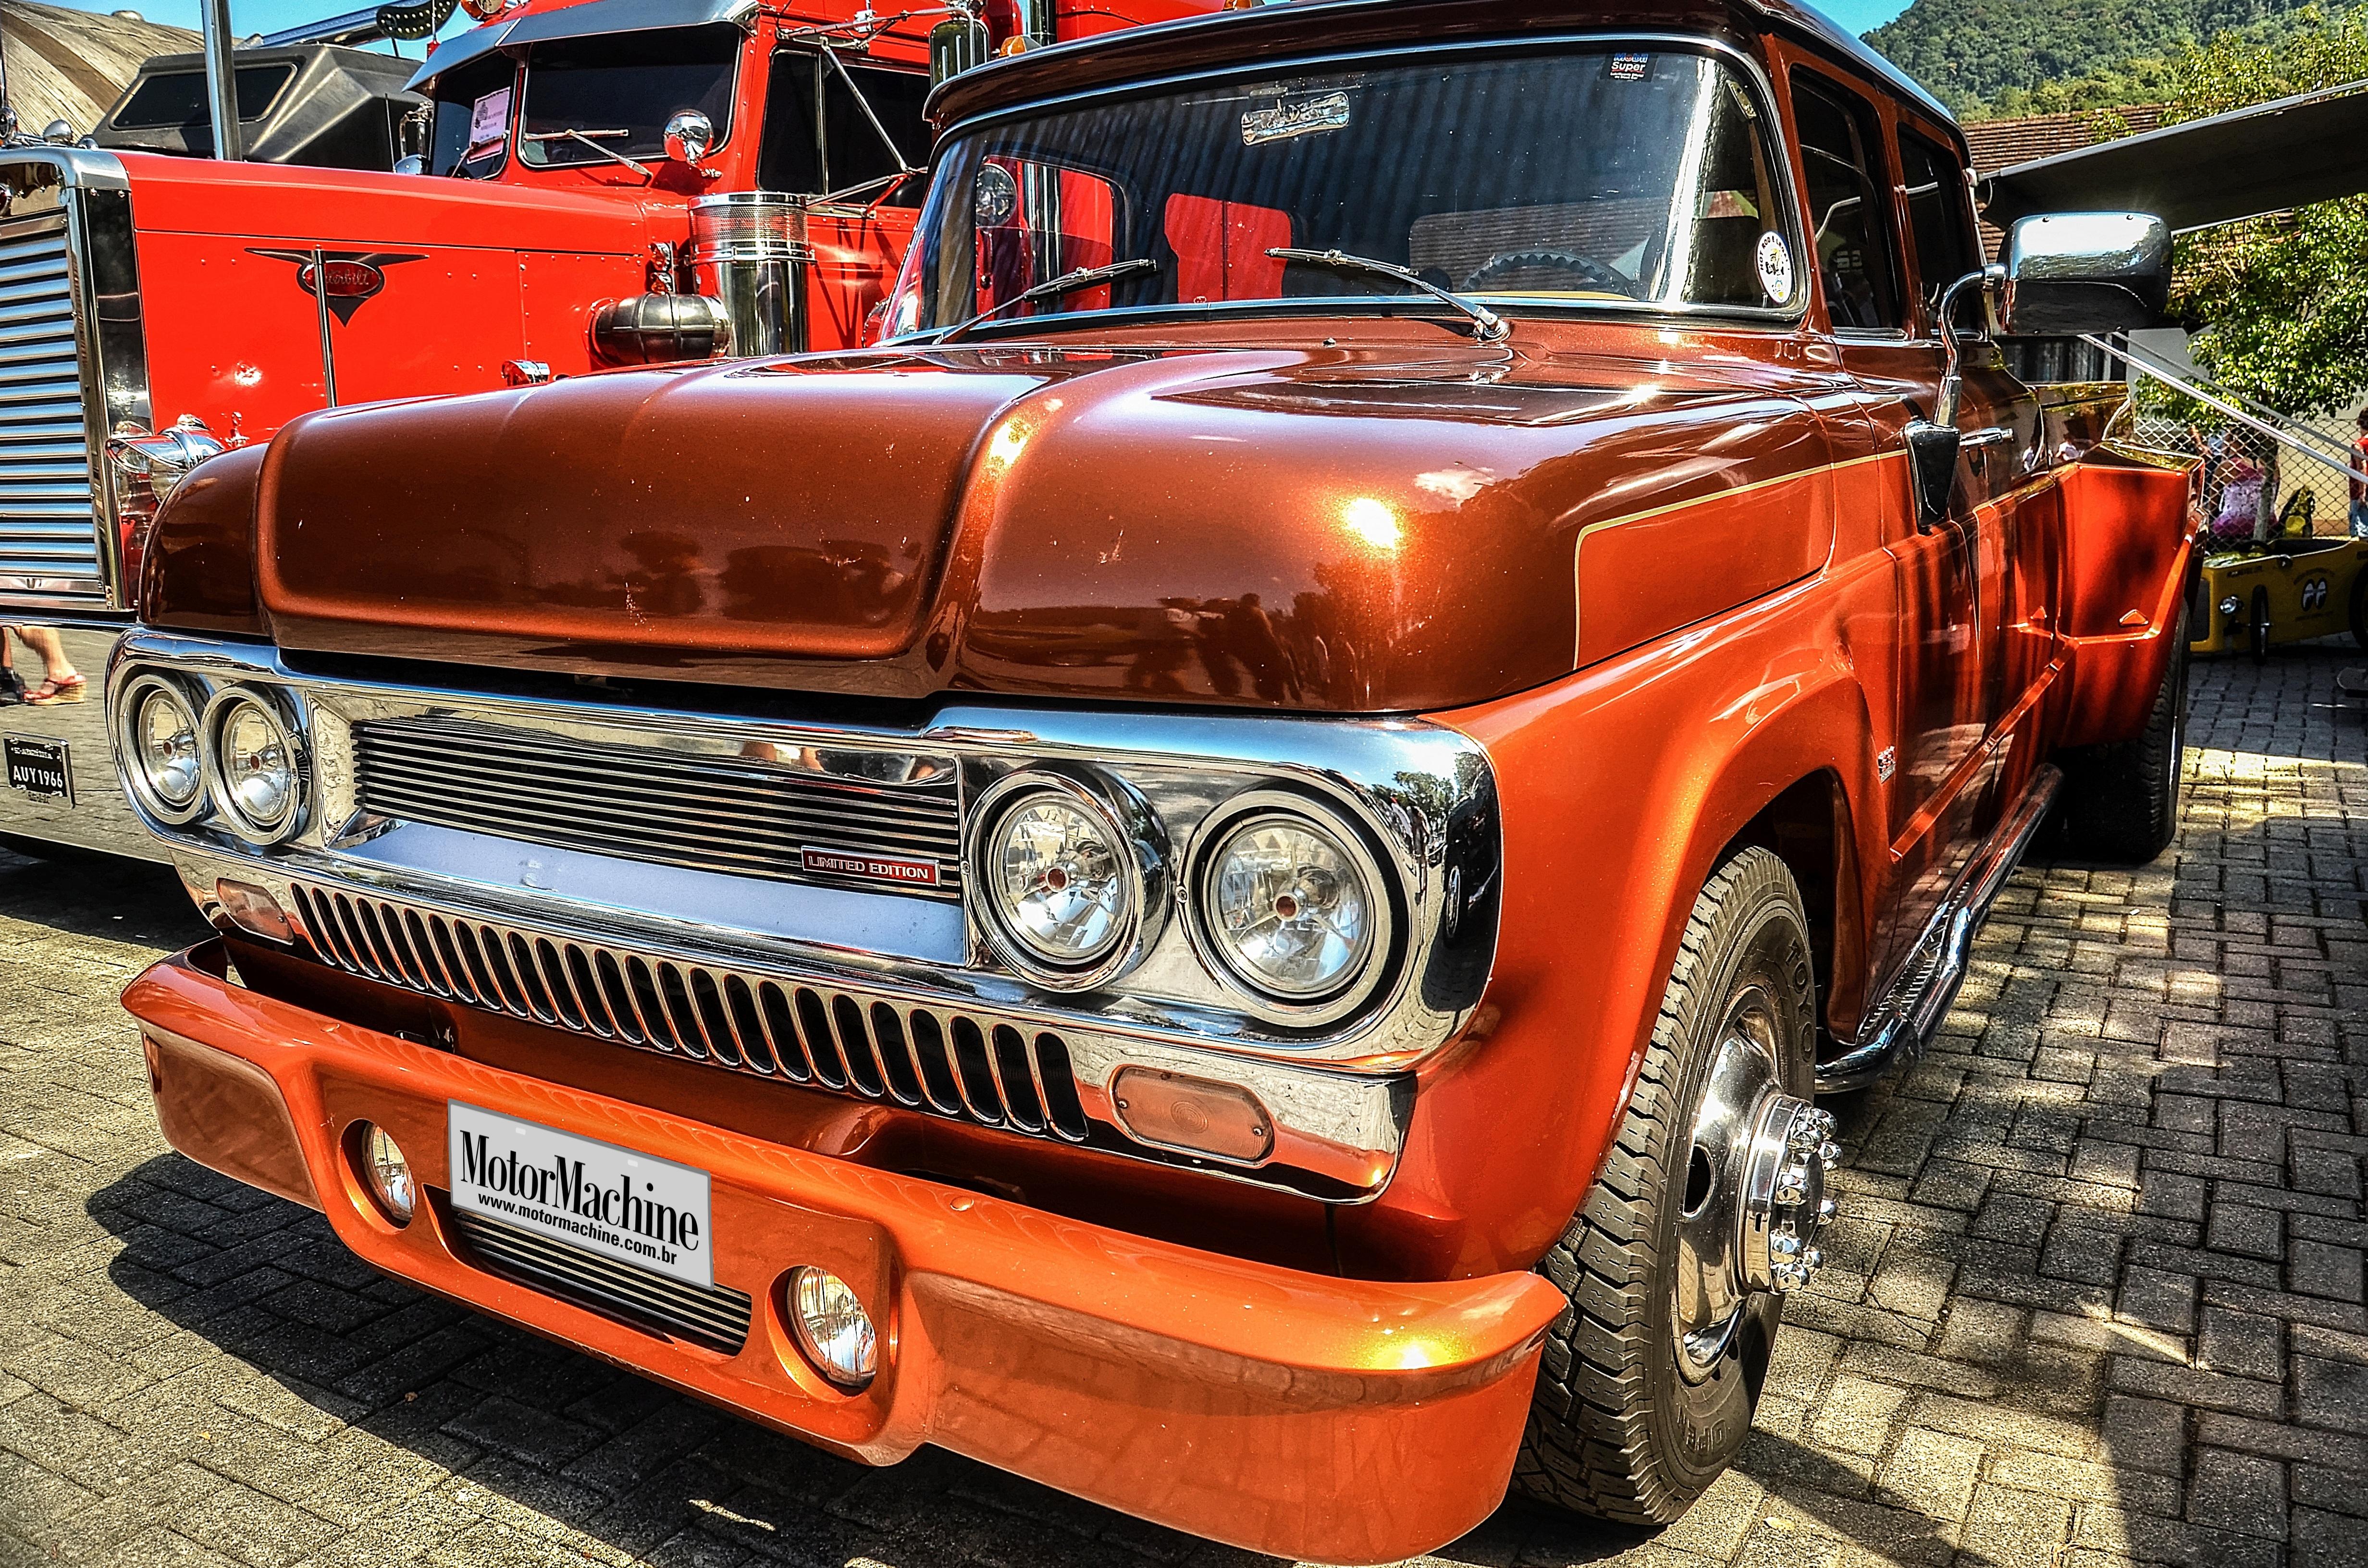 Free Images : old car, motor vehicle, bumper, chrome, orange color ...